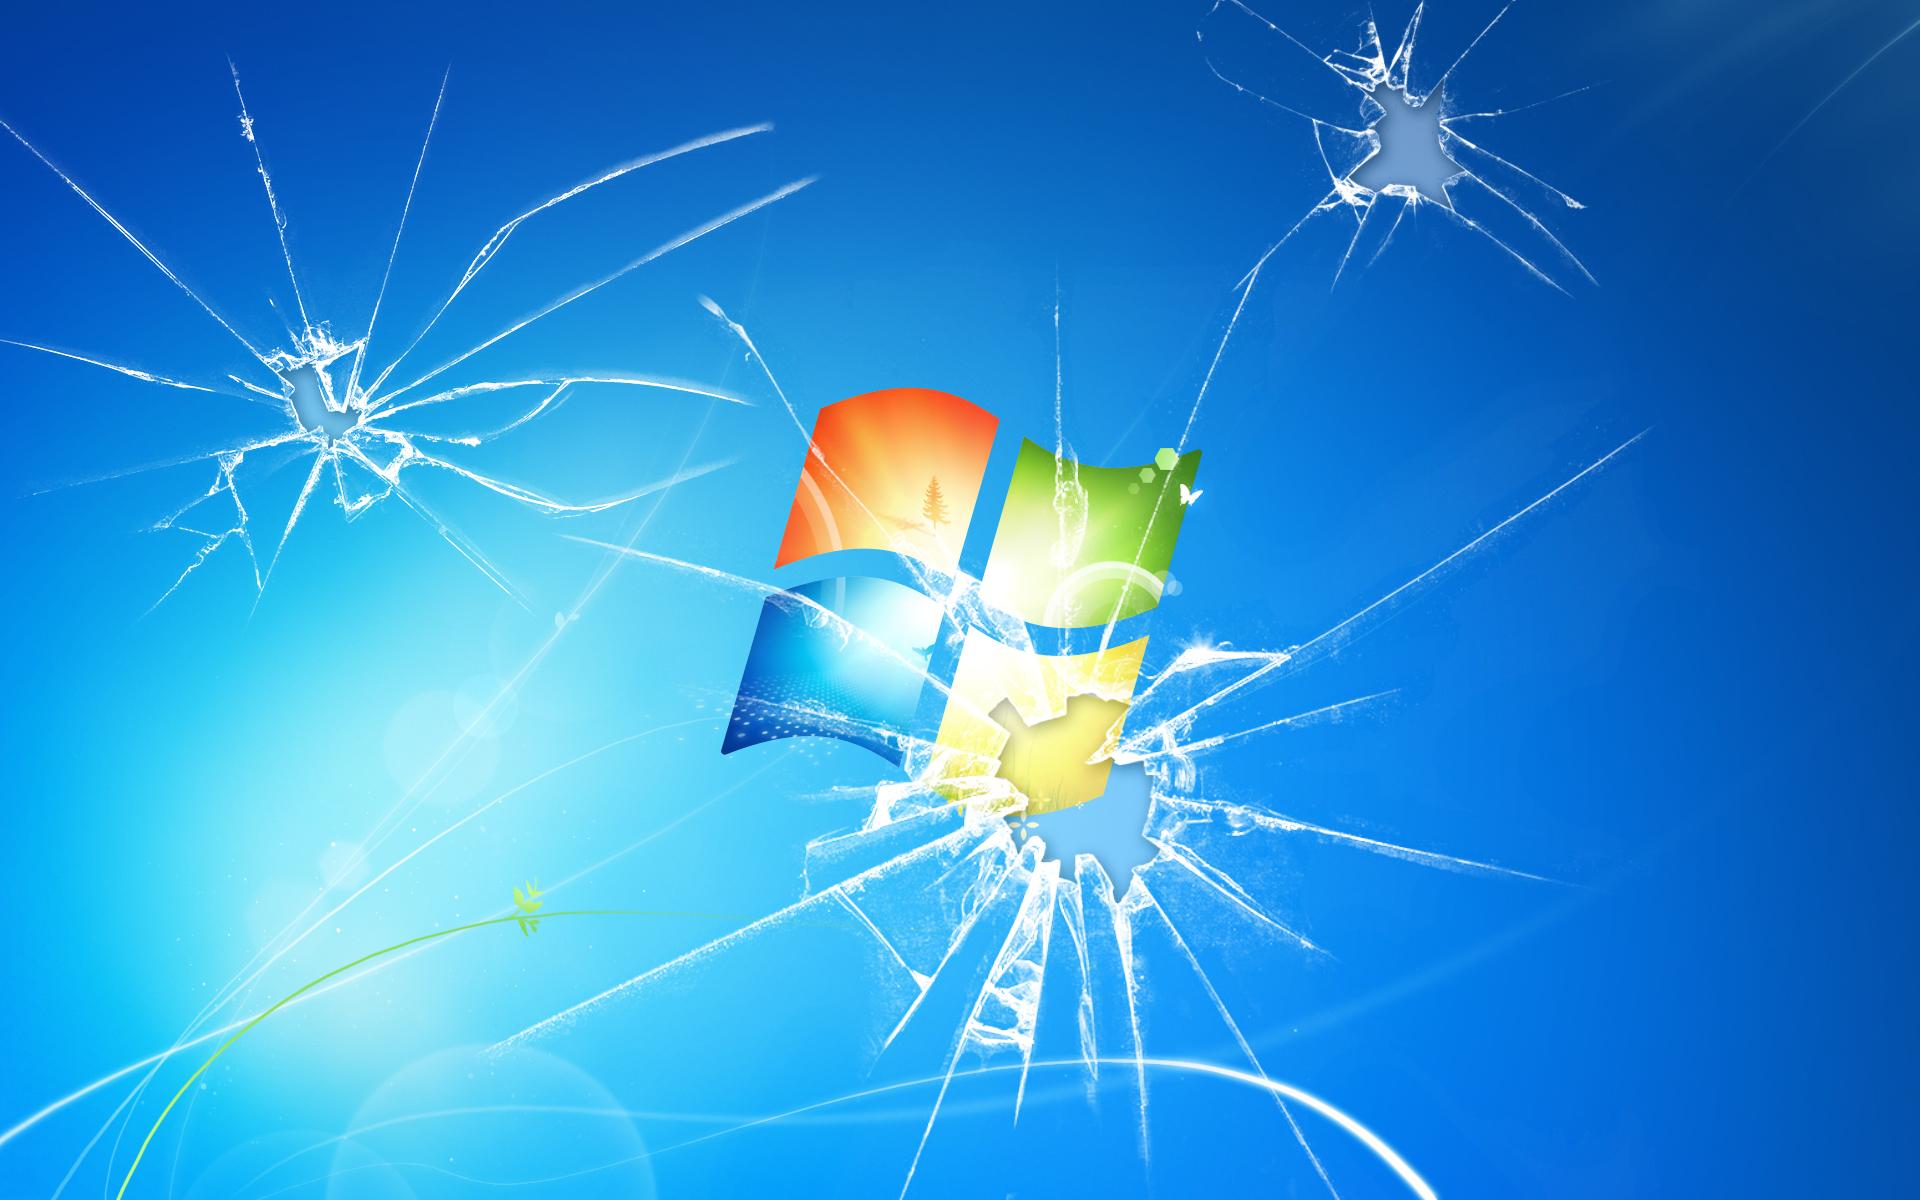 wallpopercomwallpaperbroken screen 403364 1920x1200